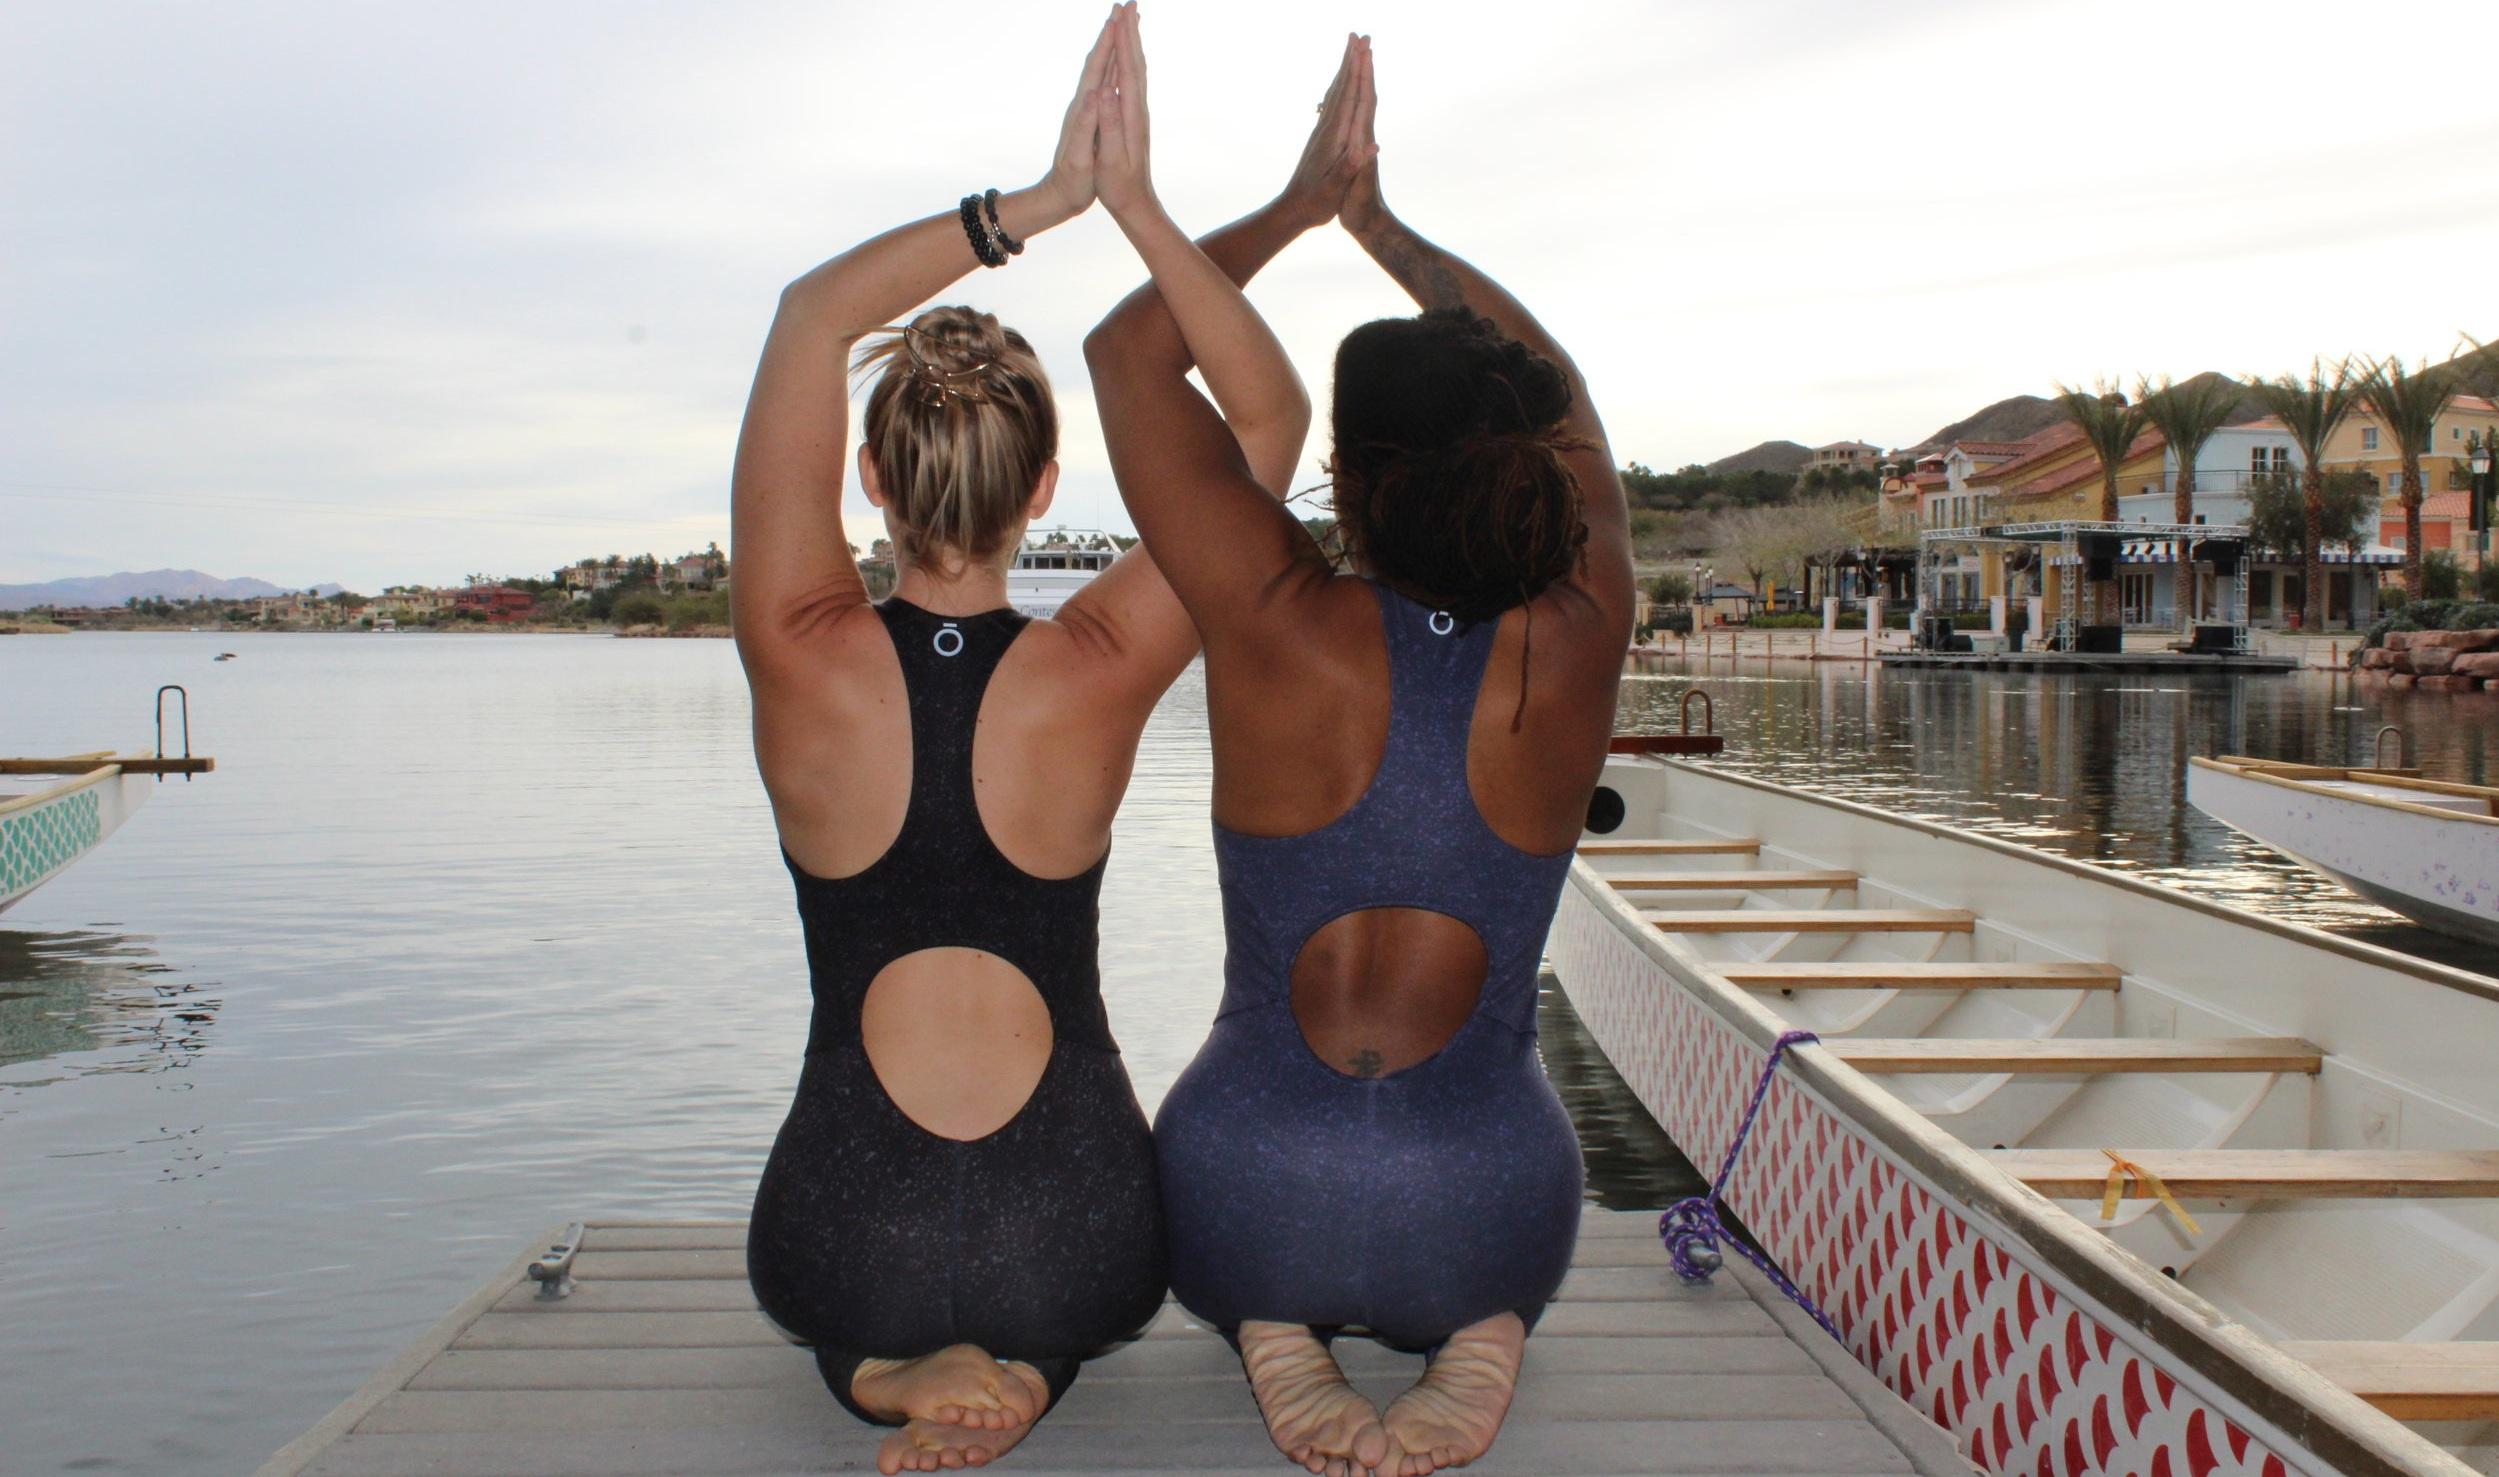 Adriana Lee & Clair Thomas 500 Hour Yoga Teachers, Reiki Practitioners. Costa Rica Yoga Retreat January 2020. Magica Pura.